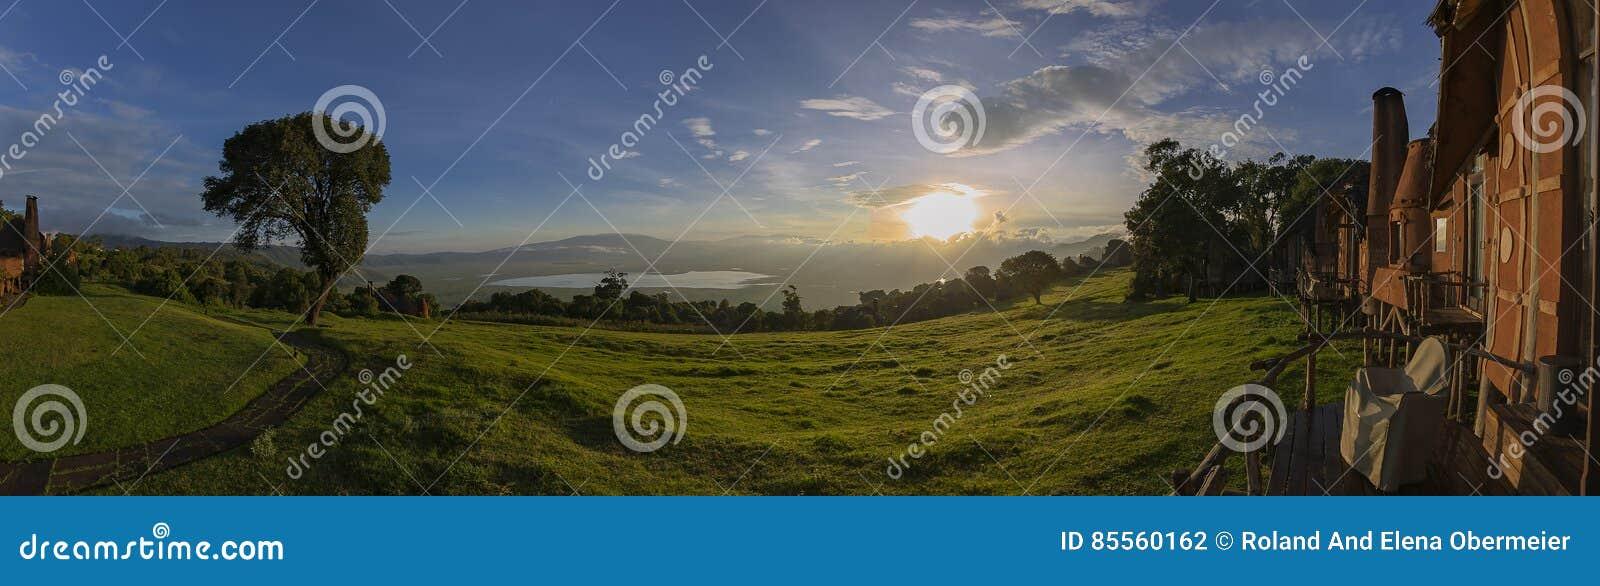 Szenische Ansicht in den Ngorongoro-Krater